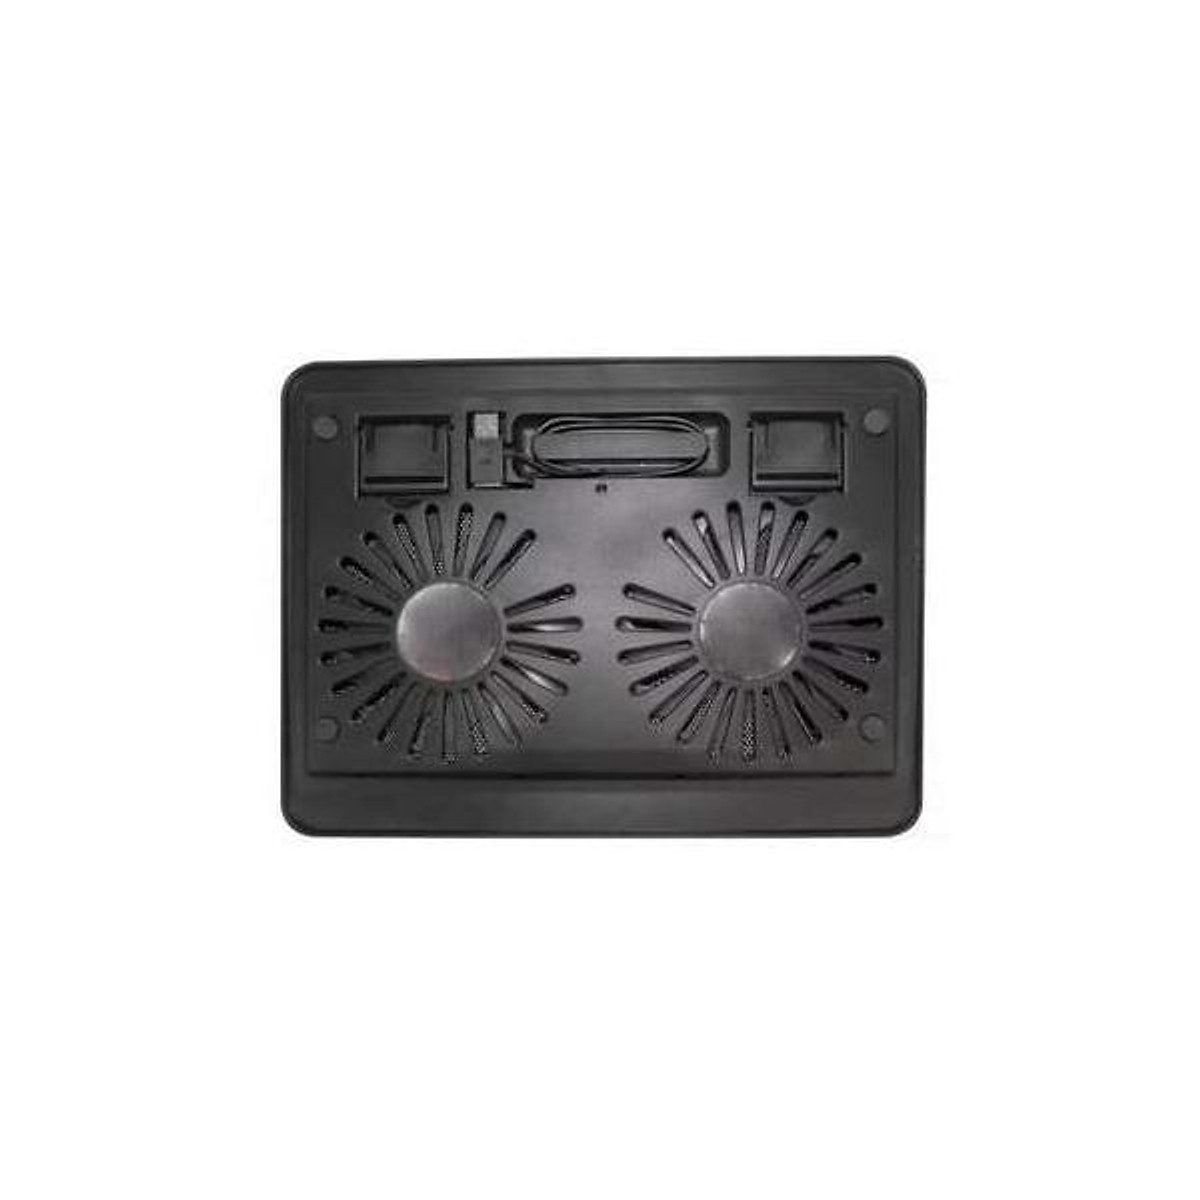 Đế tản nhiệt Laptop N66 (2 Fan) - Hàng Nhập Khẩu